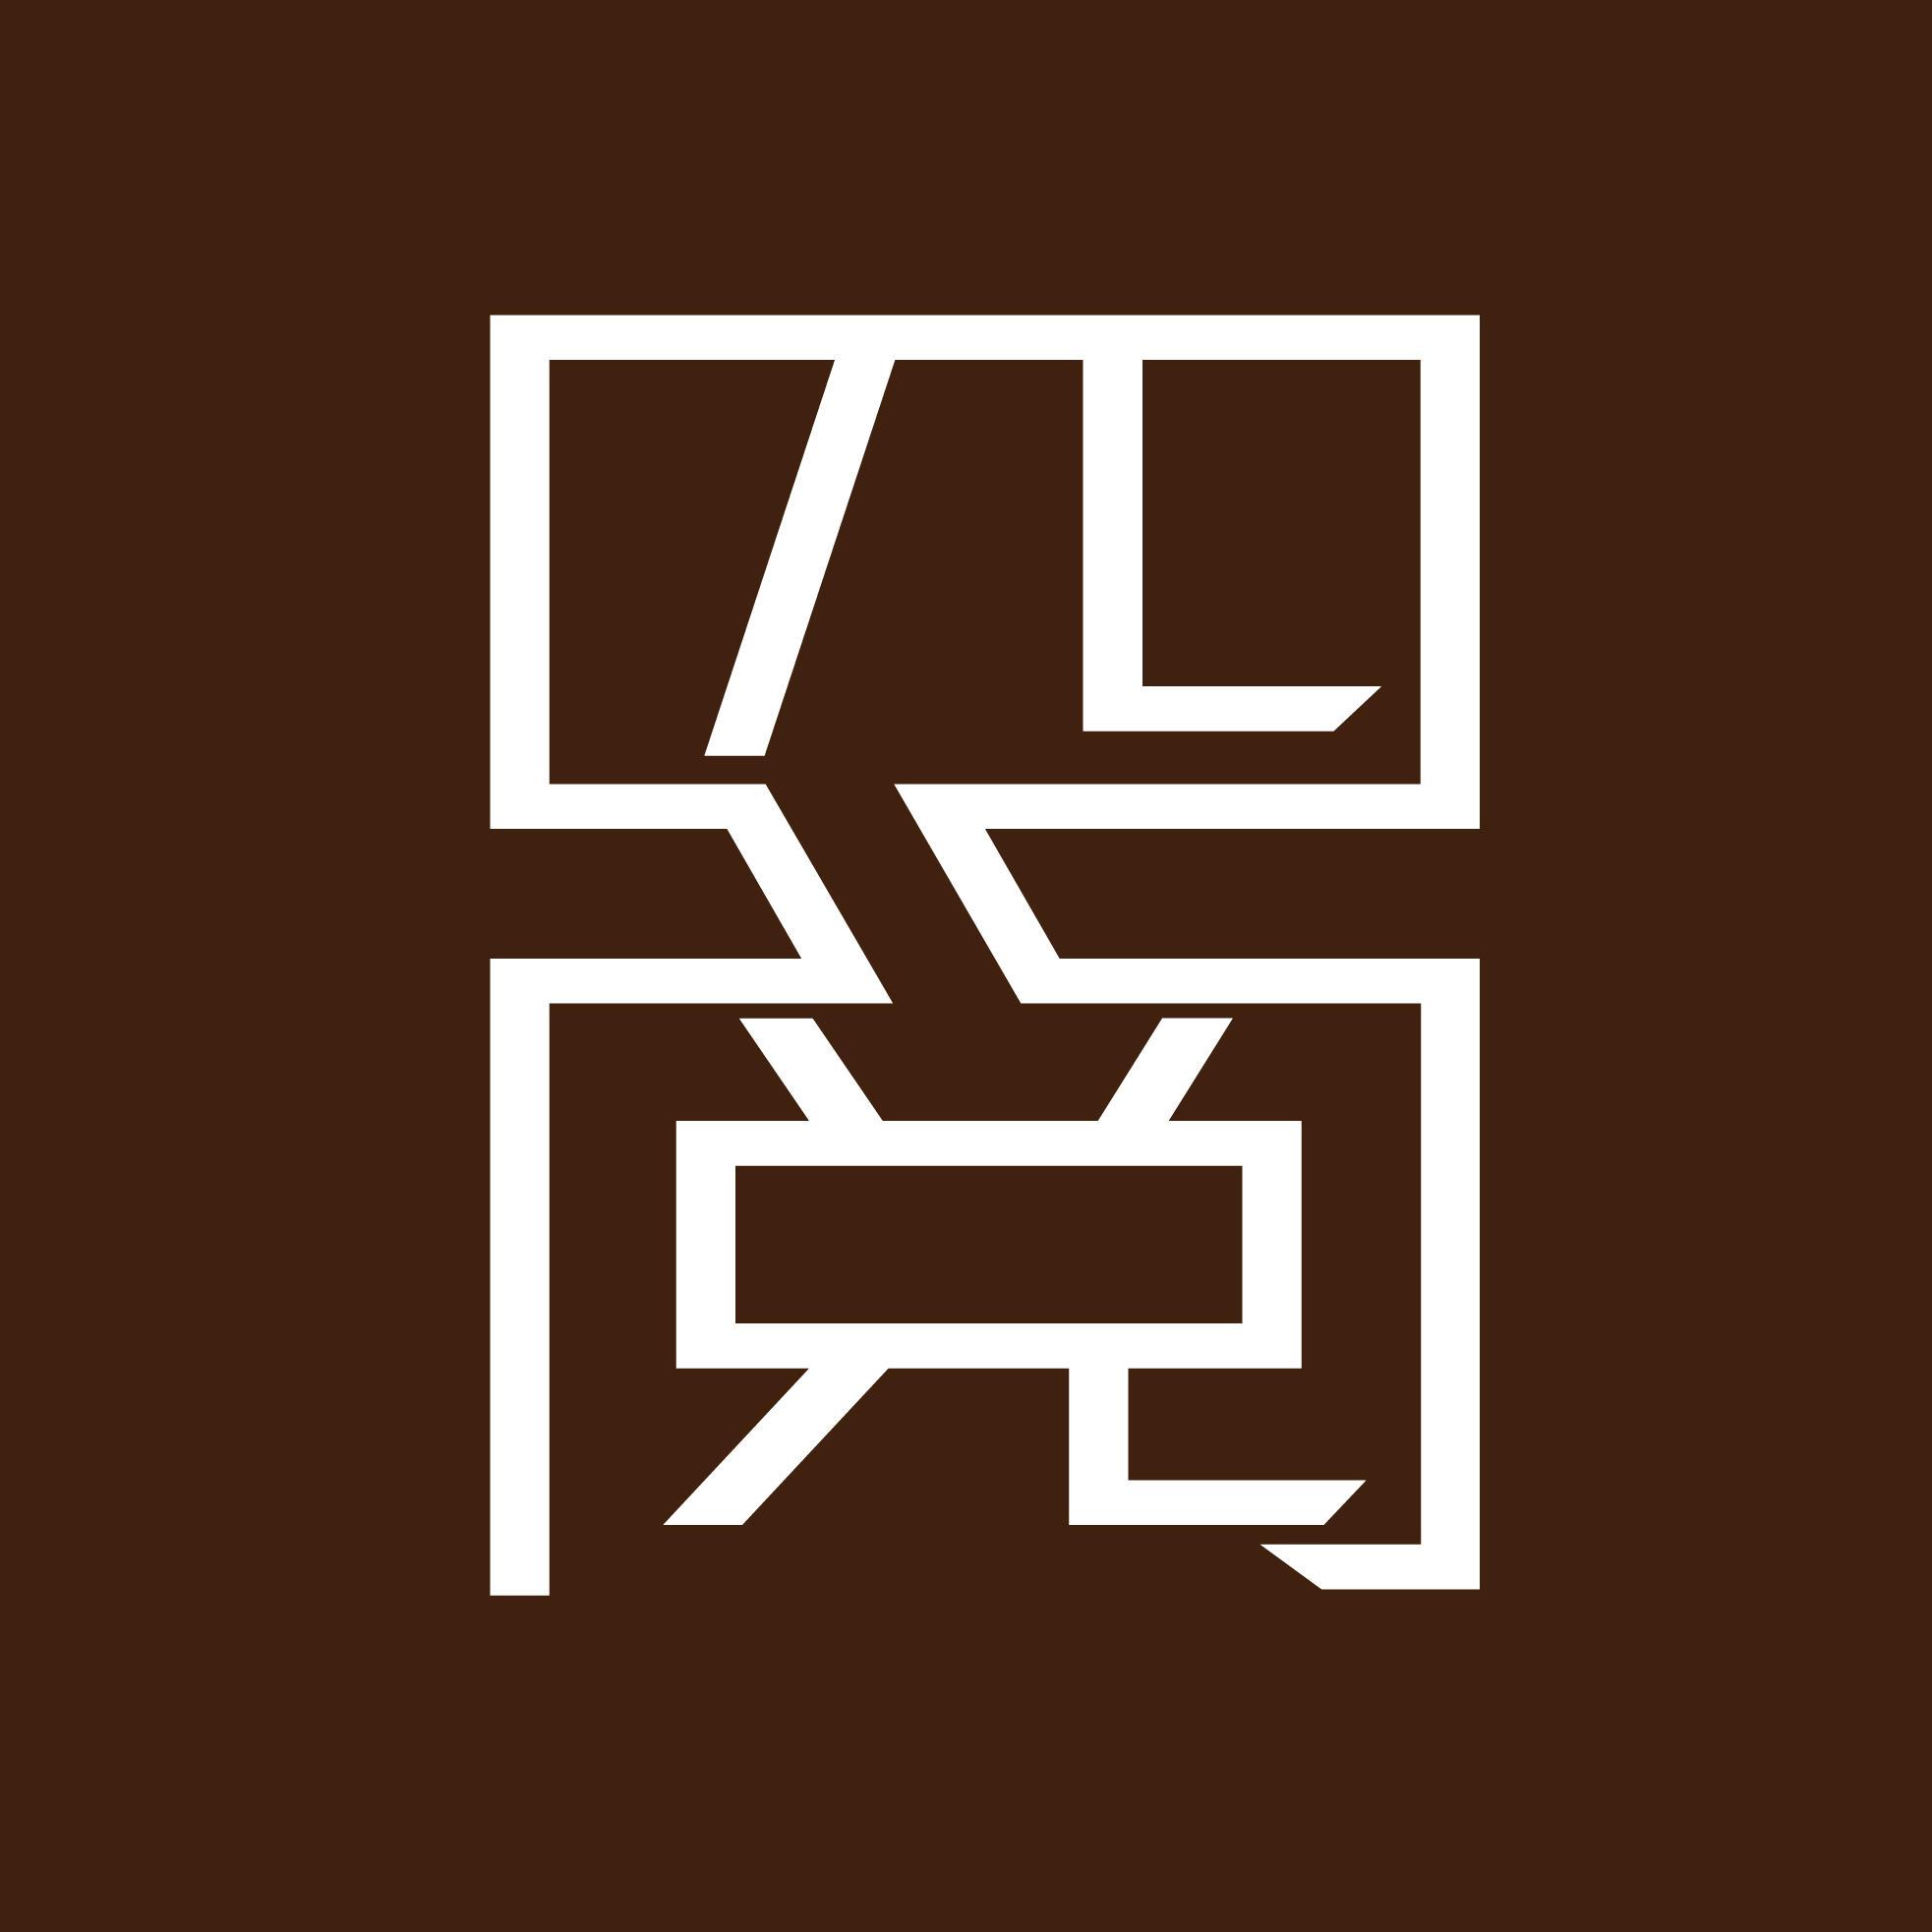 四阅东湖店——晨光文具盛世新颜系列国粹黑木铅笔六角2b木杆铅笔套装